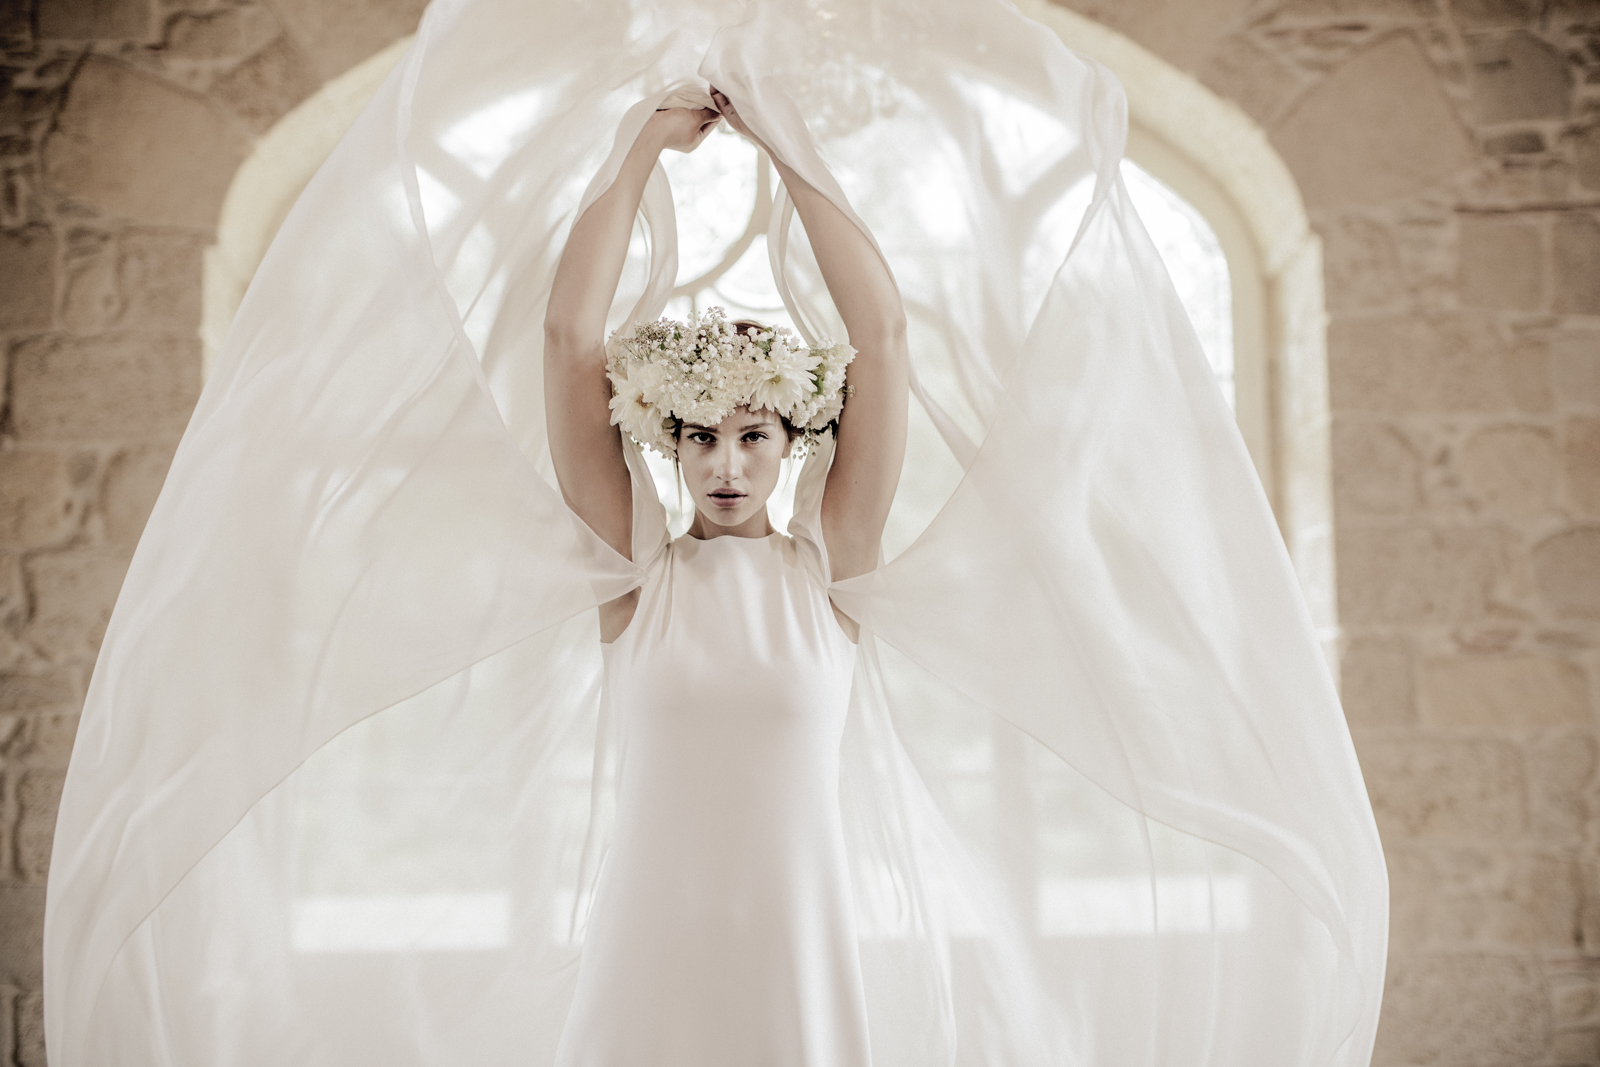 Boutiques de robes de mariée Belgique - Pépites d'amour